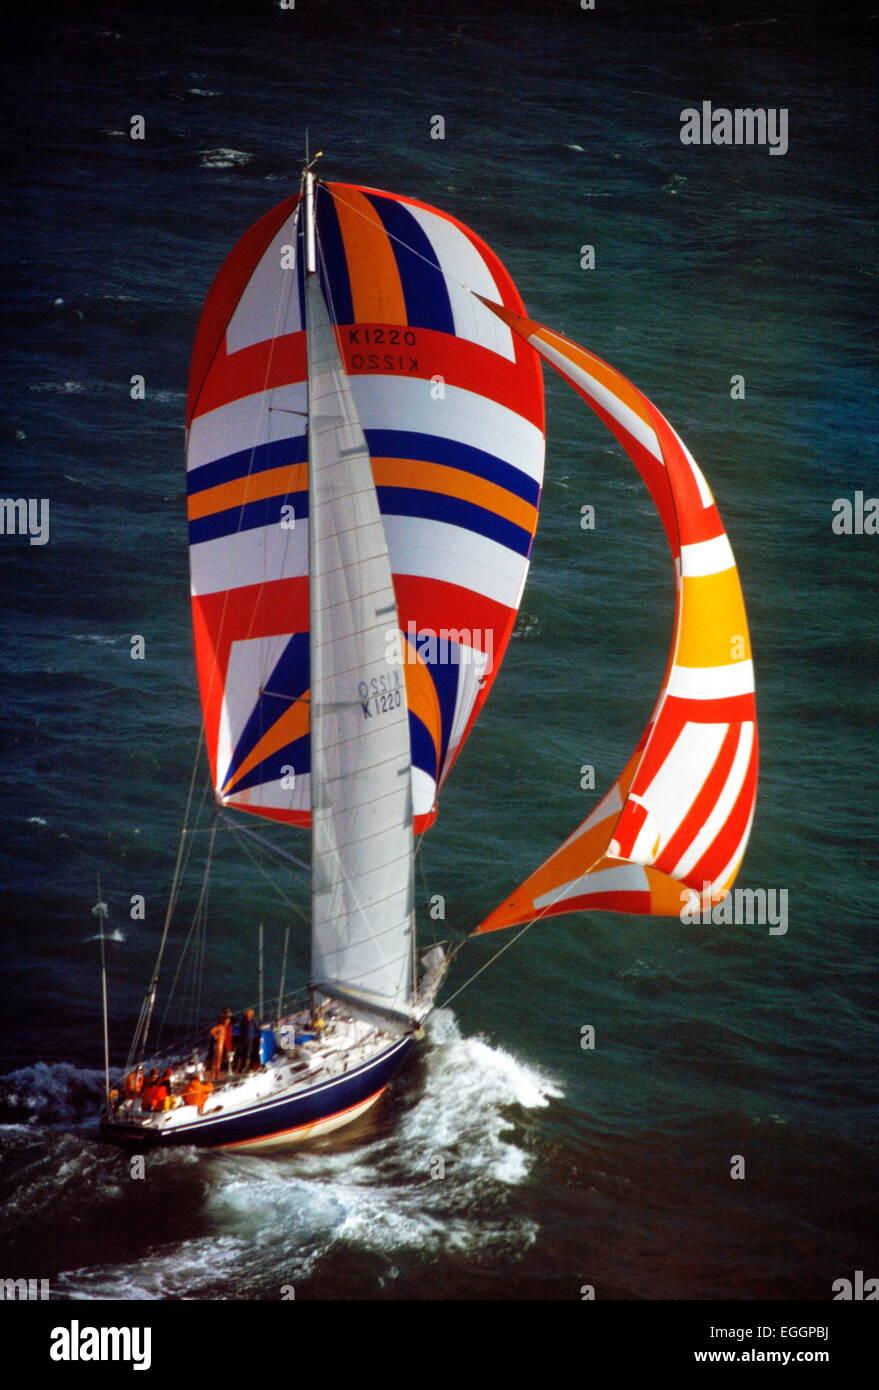 AJAX NOUVELLES PHOTOS - 24ème mars, 1978 - LE YACHT RACE WHITBREAD -KING'S LEGEND. La production d'un Photo Stock